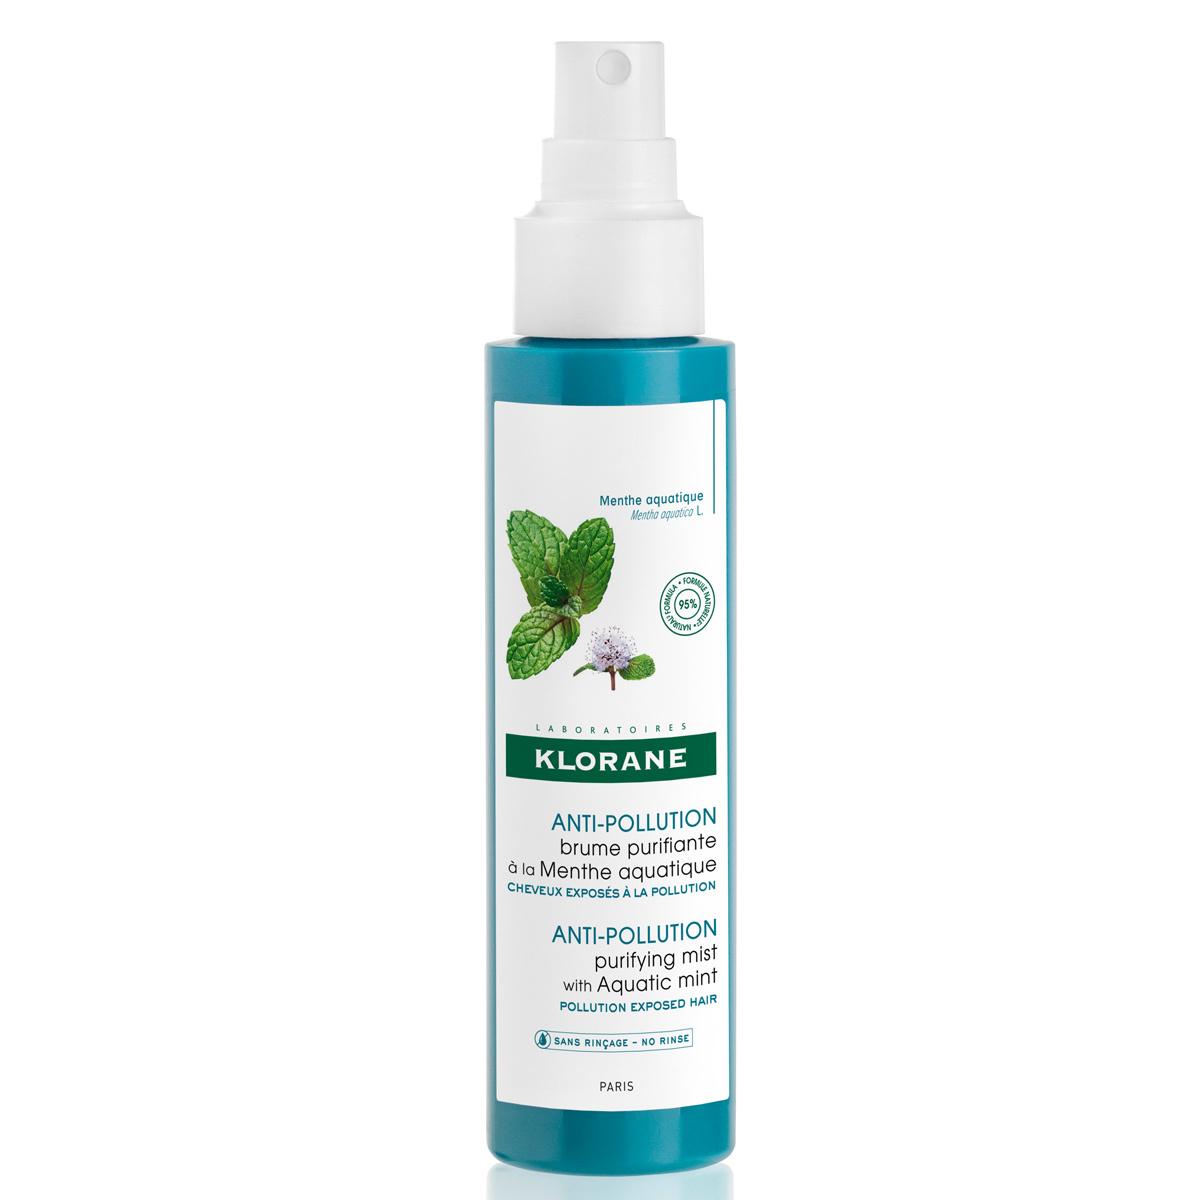 Bruma purificante anticontaminación a la menta acuática de Klorane.